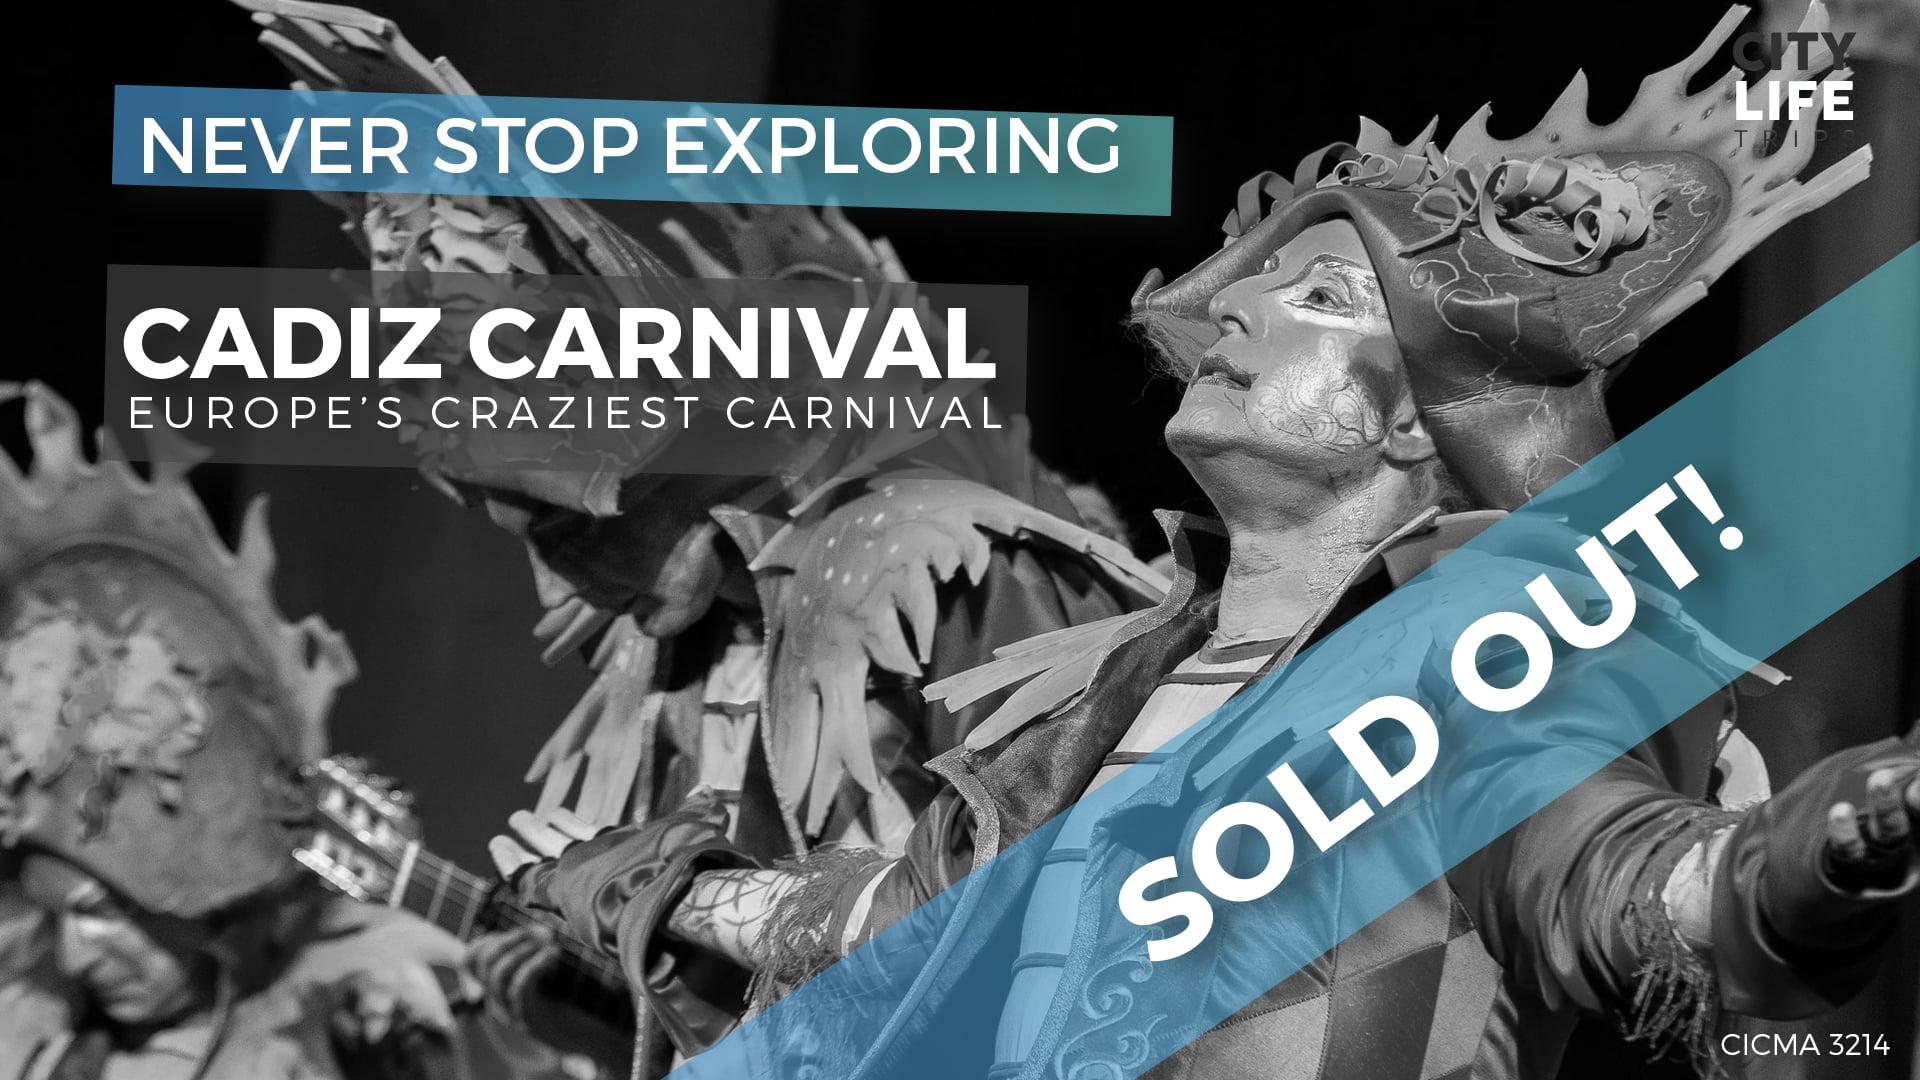 Cádiz Carnival #2 – Spain's Craziest Carnival